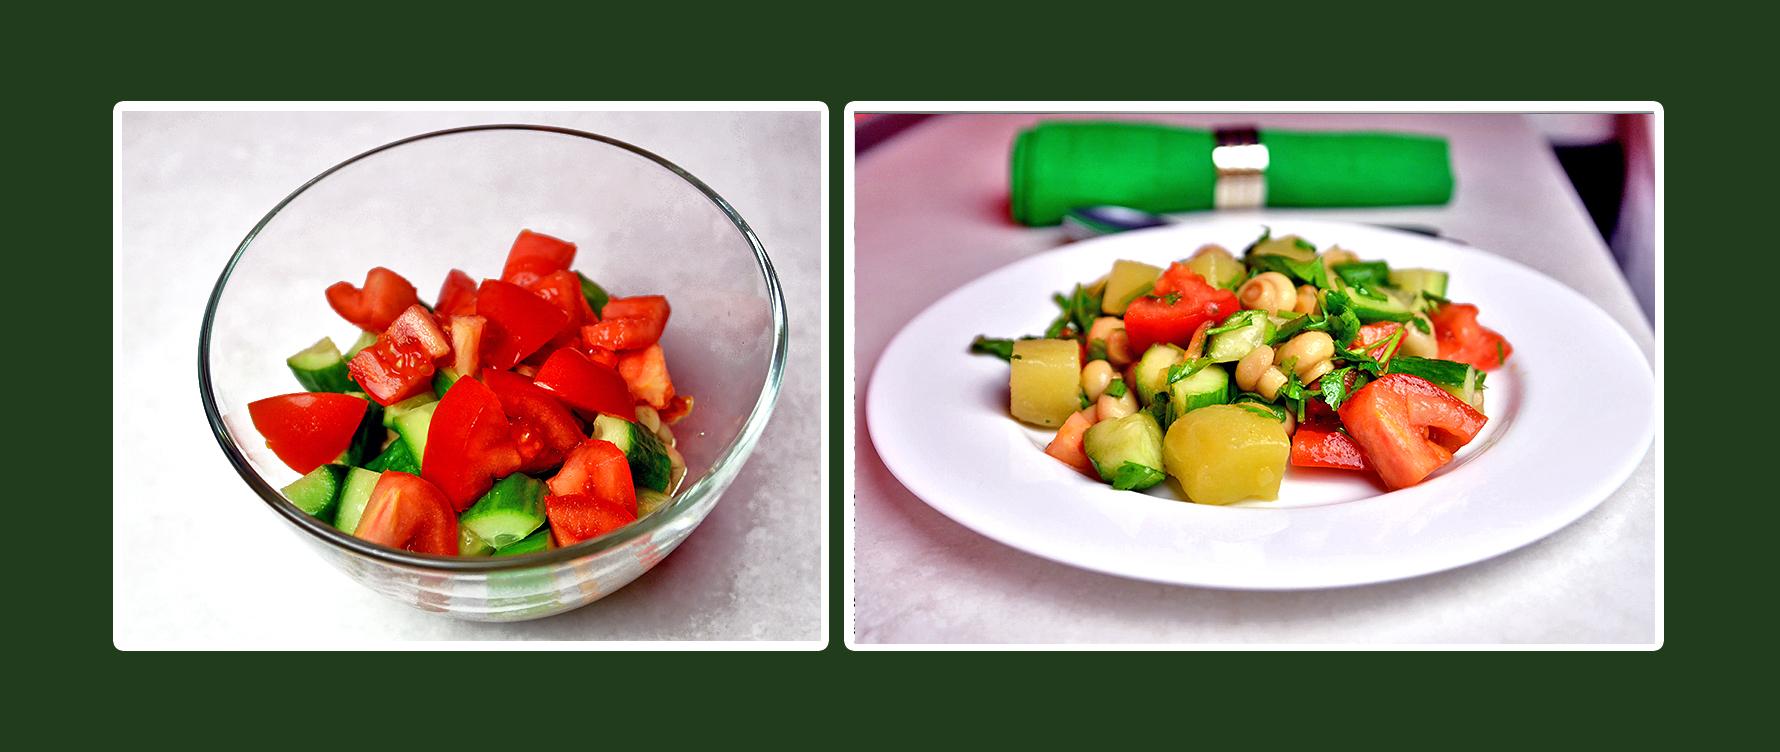 Gemüsesalat mit marinierten Champignons, Gurken und Tomaten